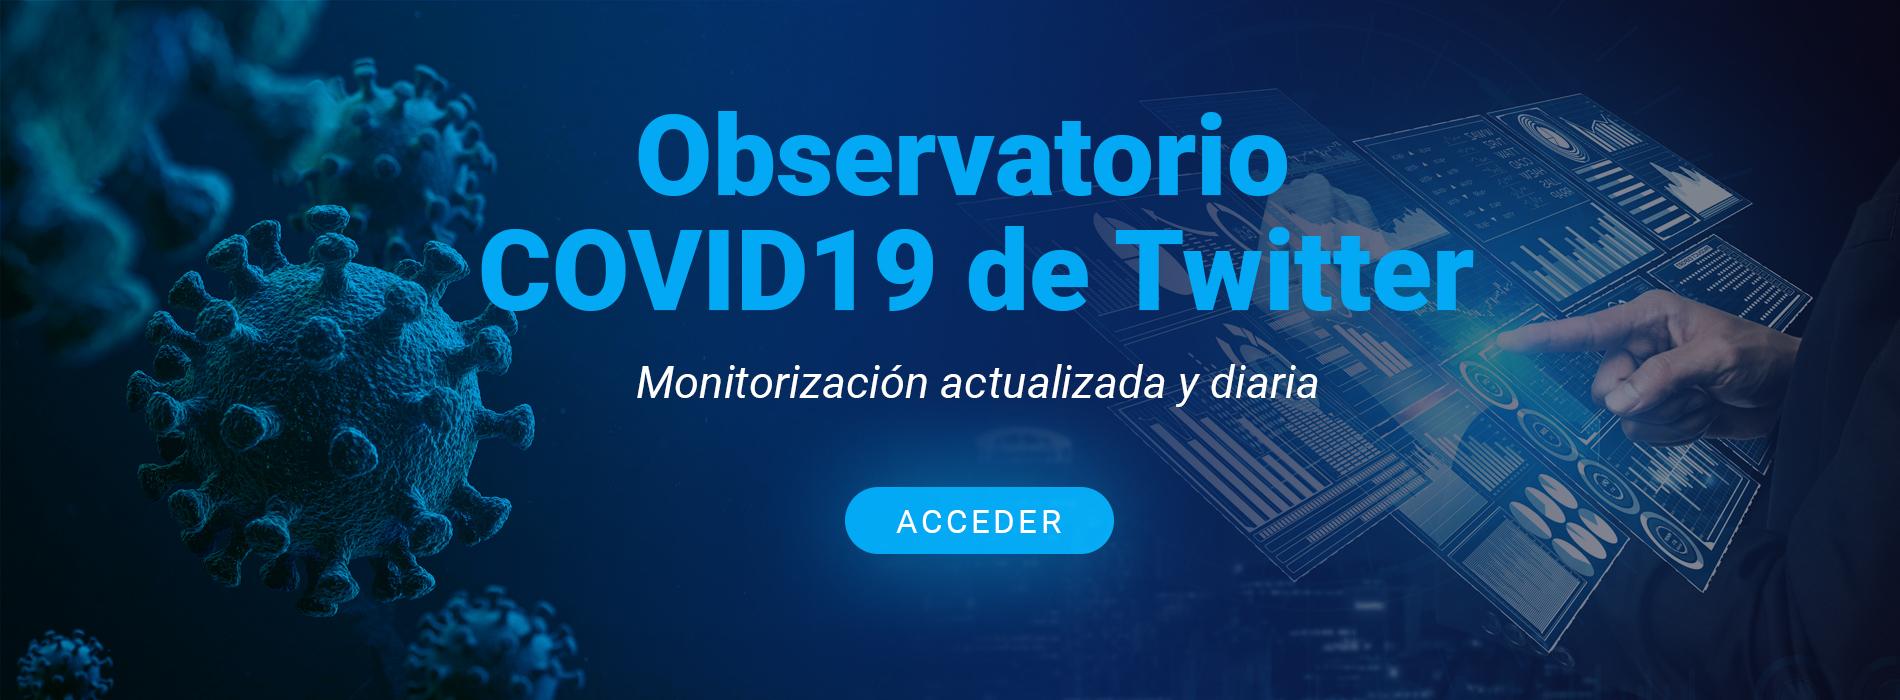 Observatorio COVID-19 de Twitter